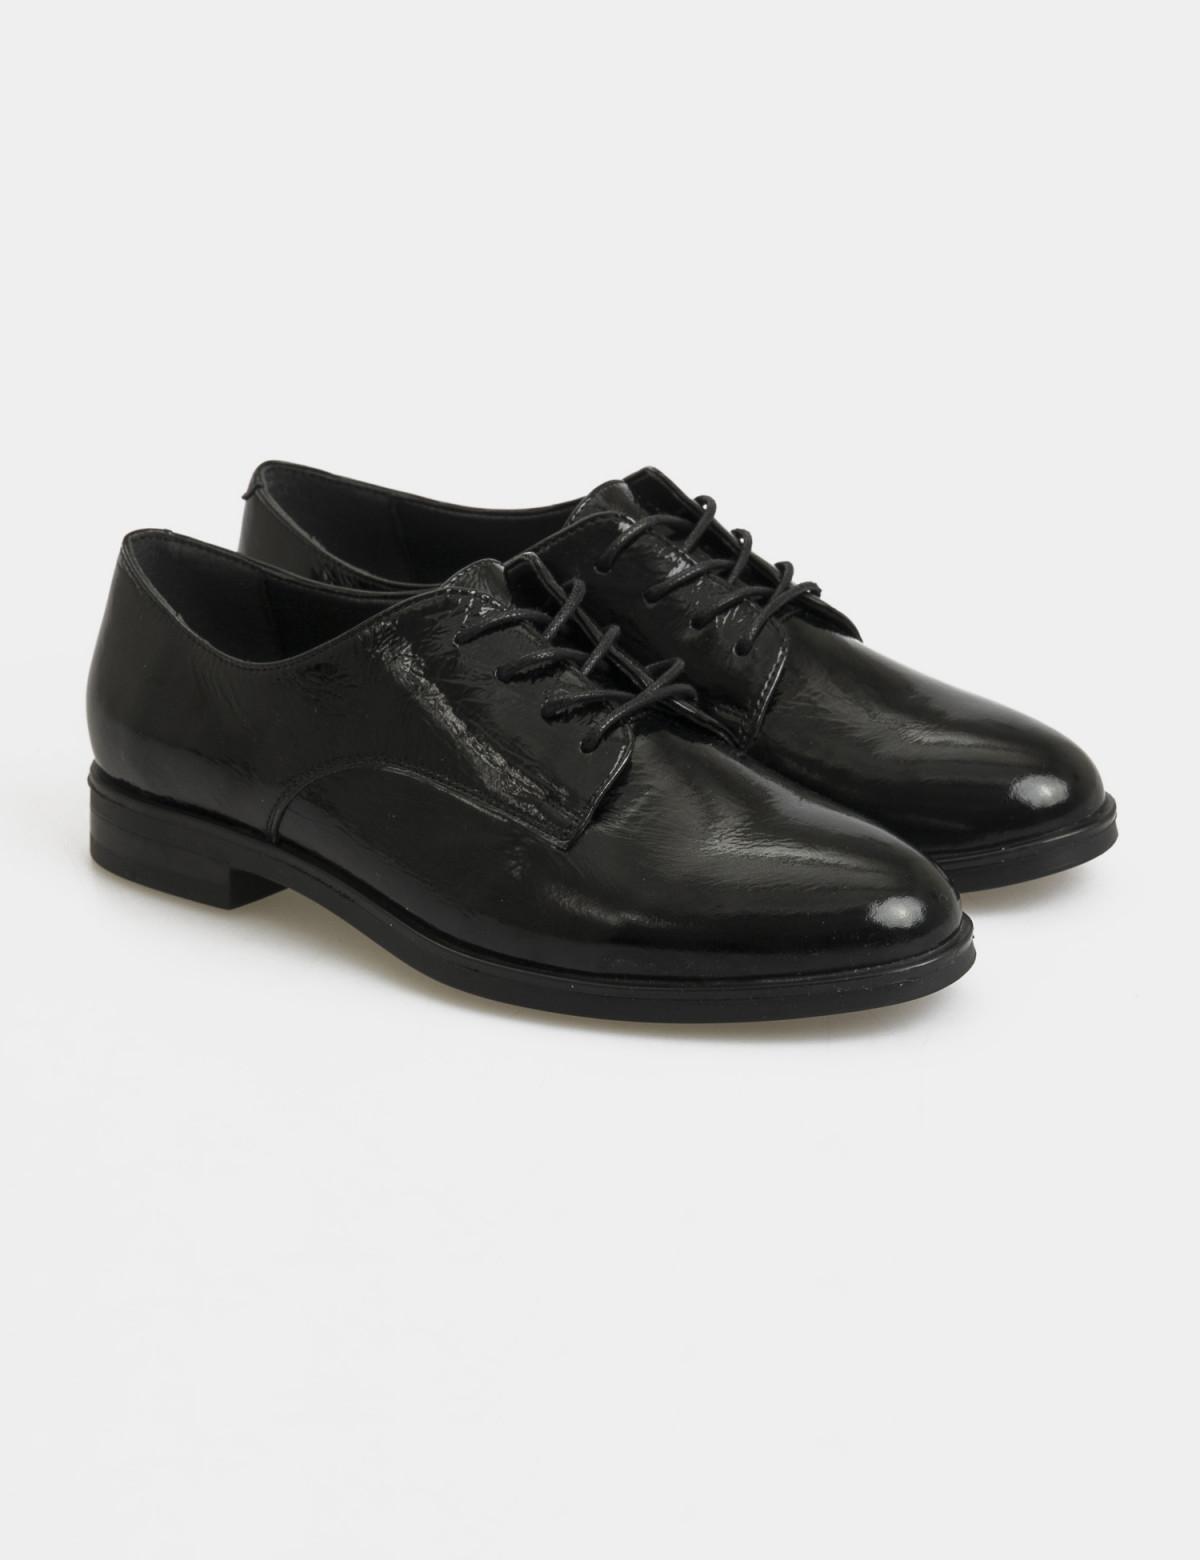 Туфли черные лакированные, натуральная кожа1